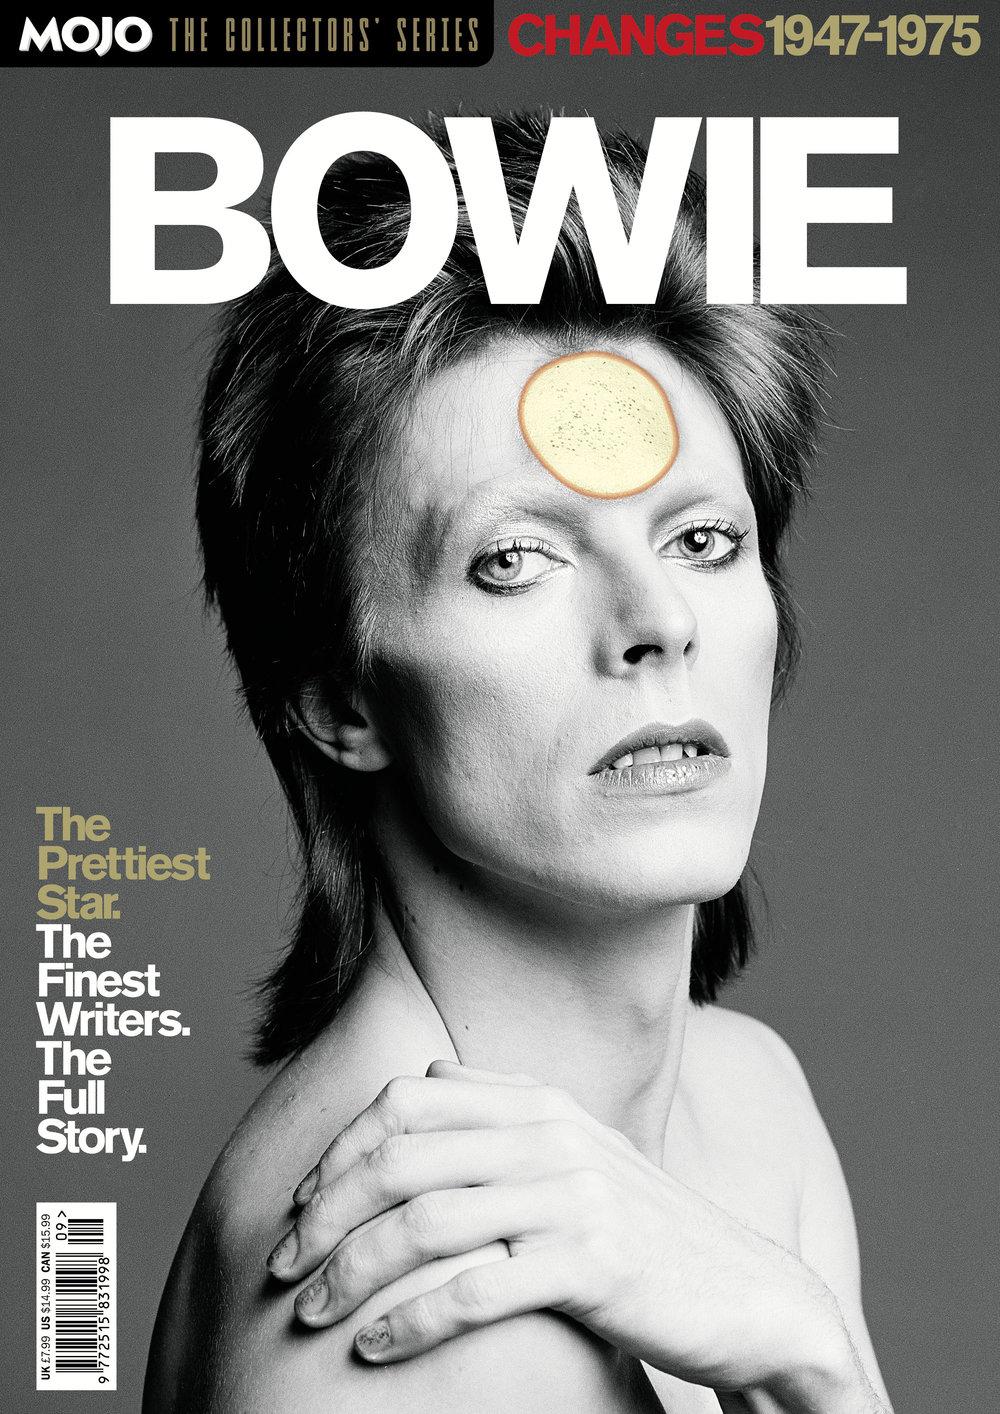 UKMOJO_Bowie1.jpg